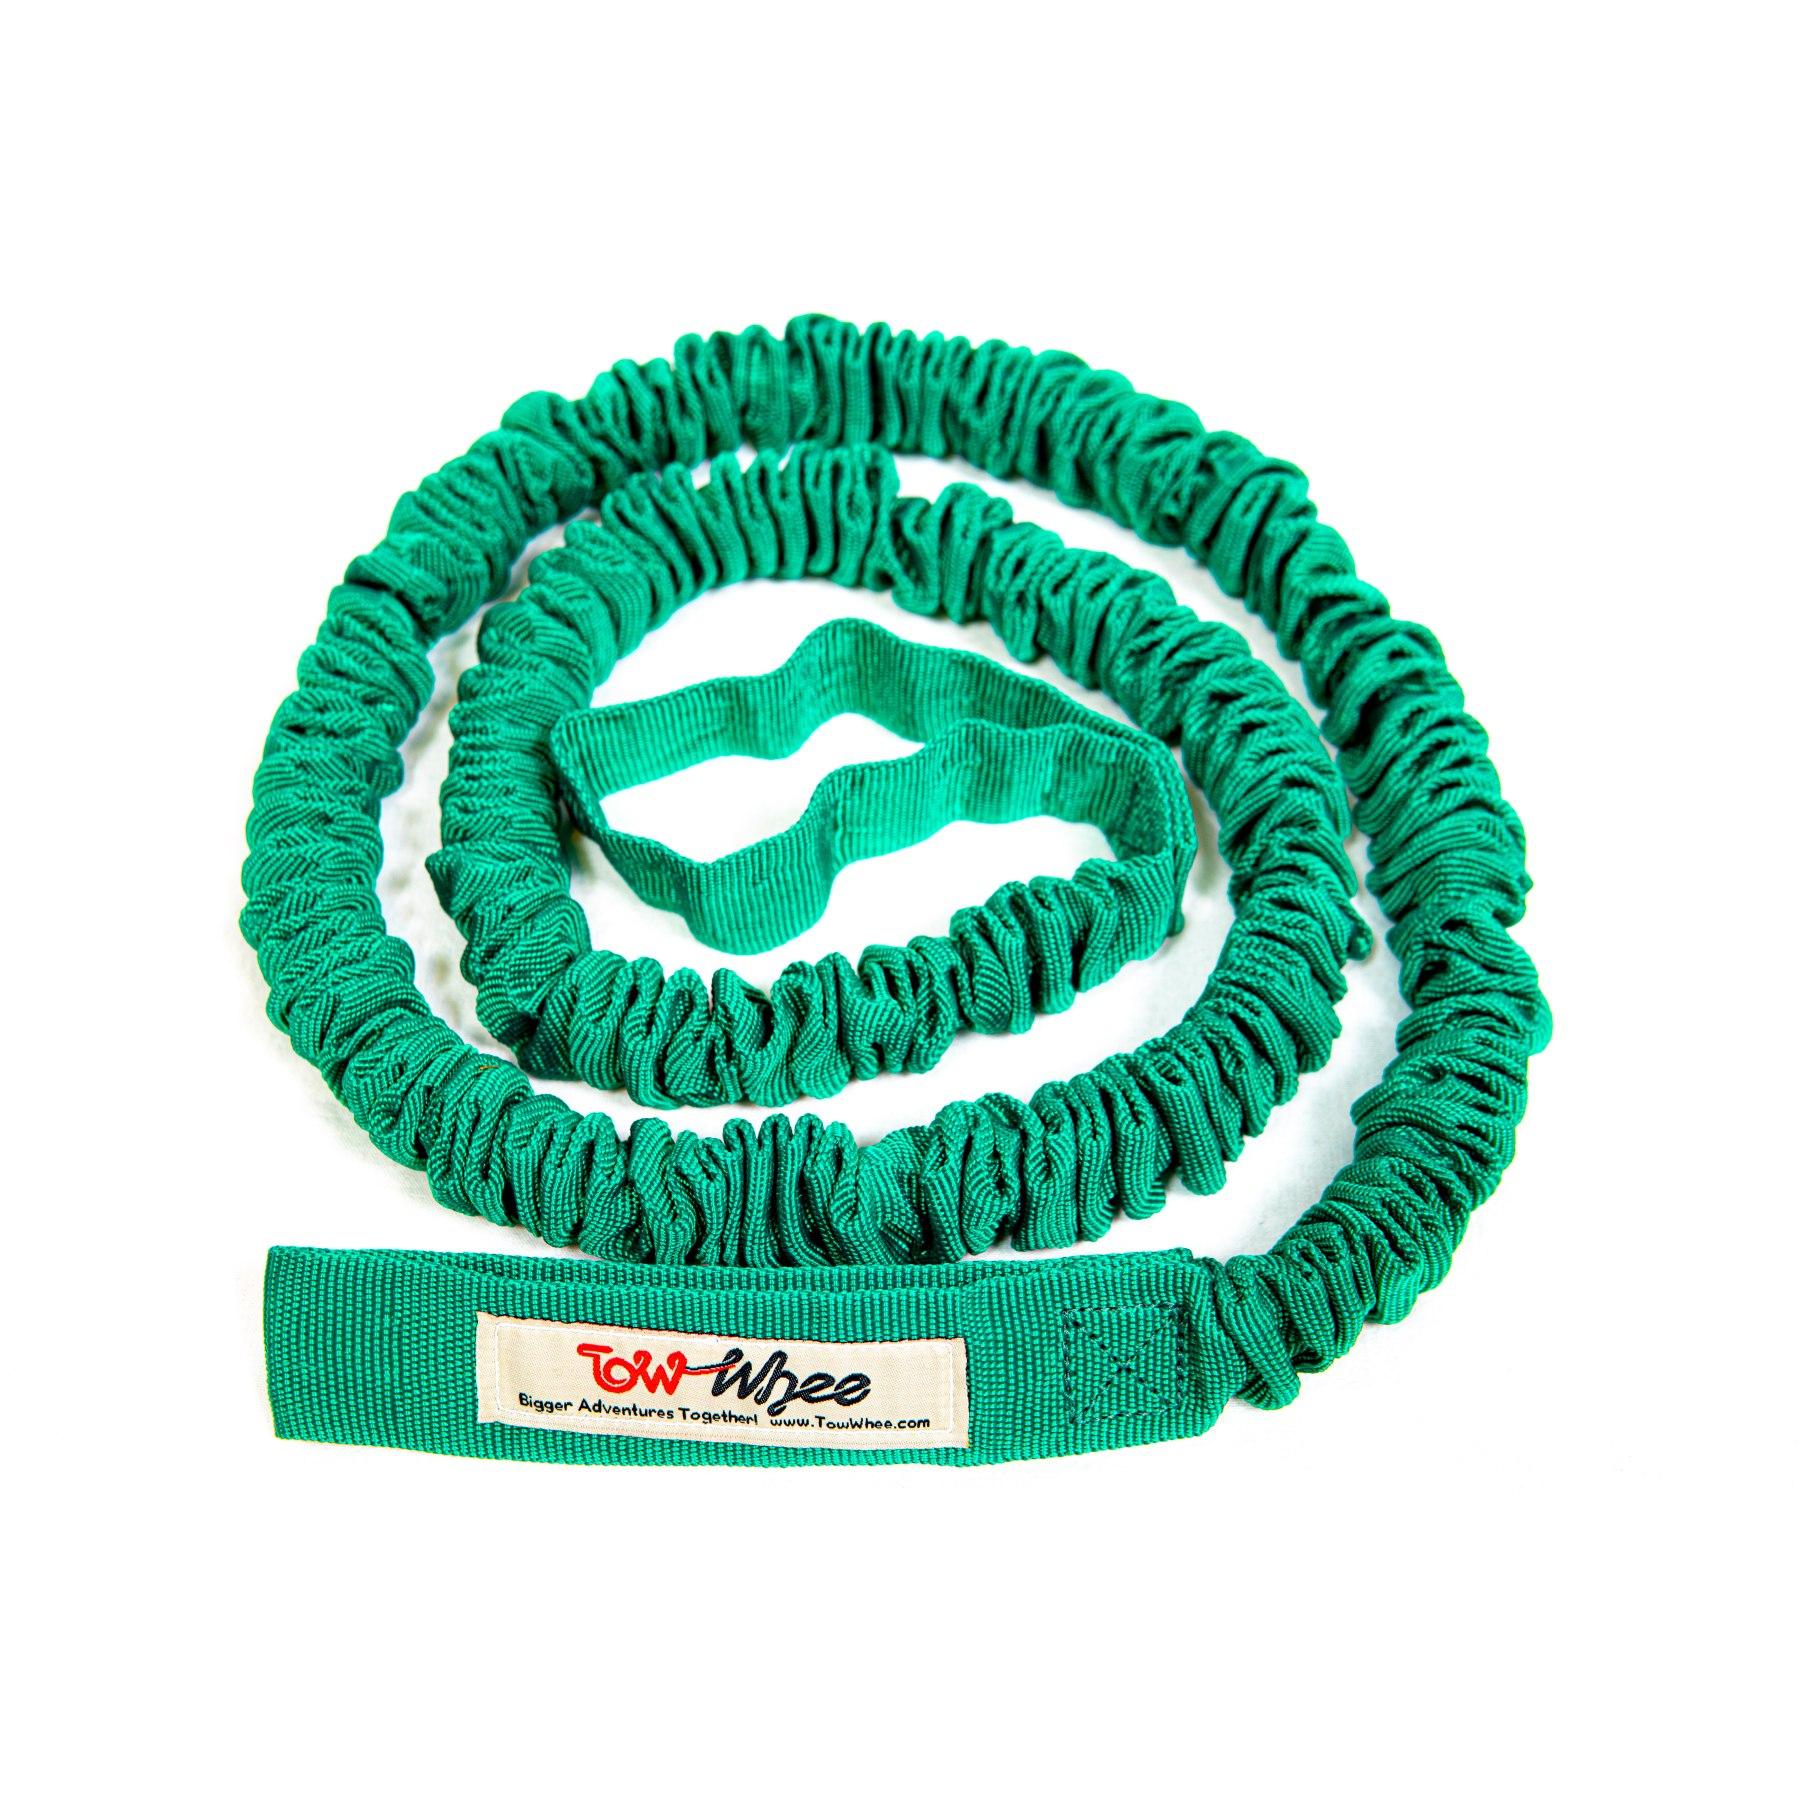 Produktbild von TowWhee Adult Abschleppseil für Fahrräder - grün